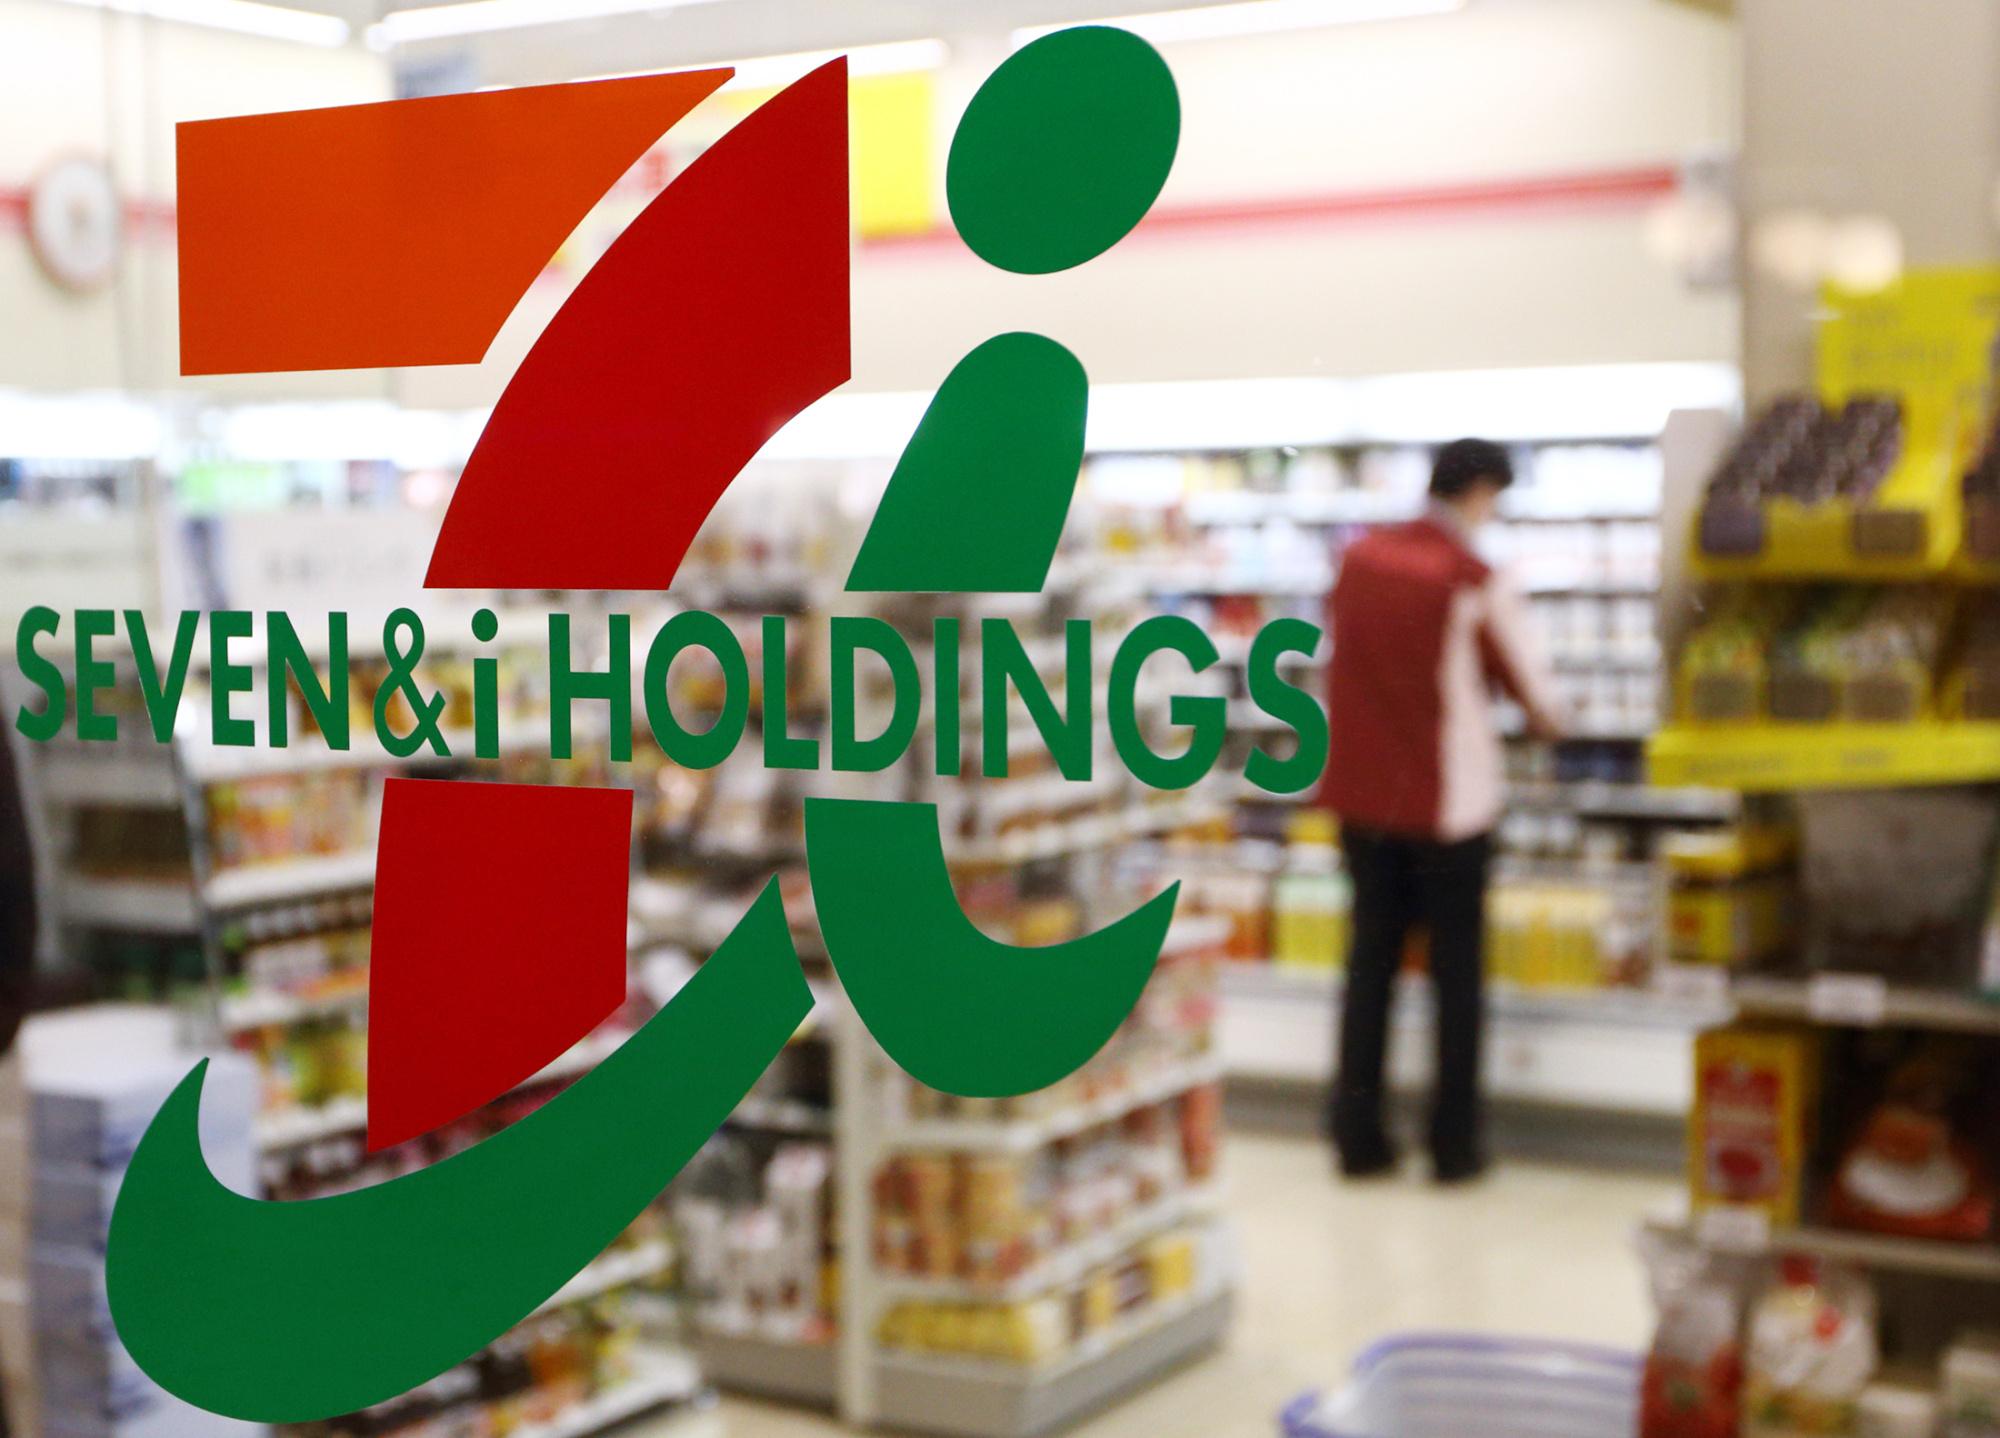 7 eleven to sunoco shops in record $3 3 billion u s bet